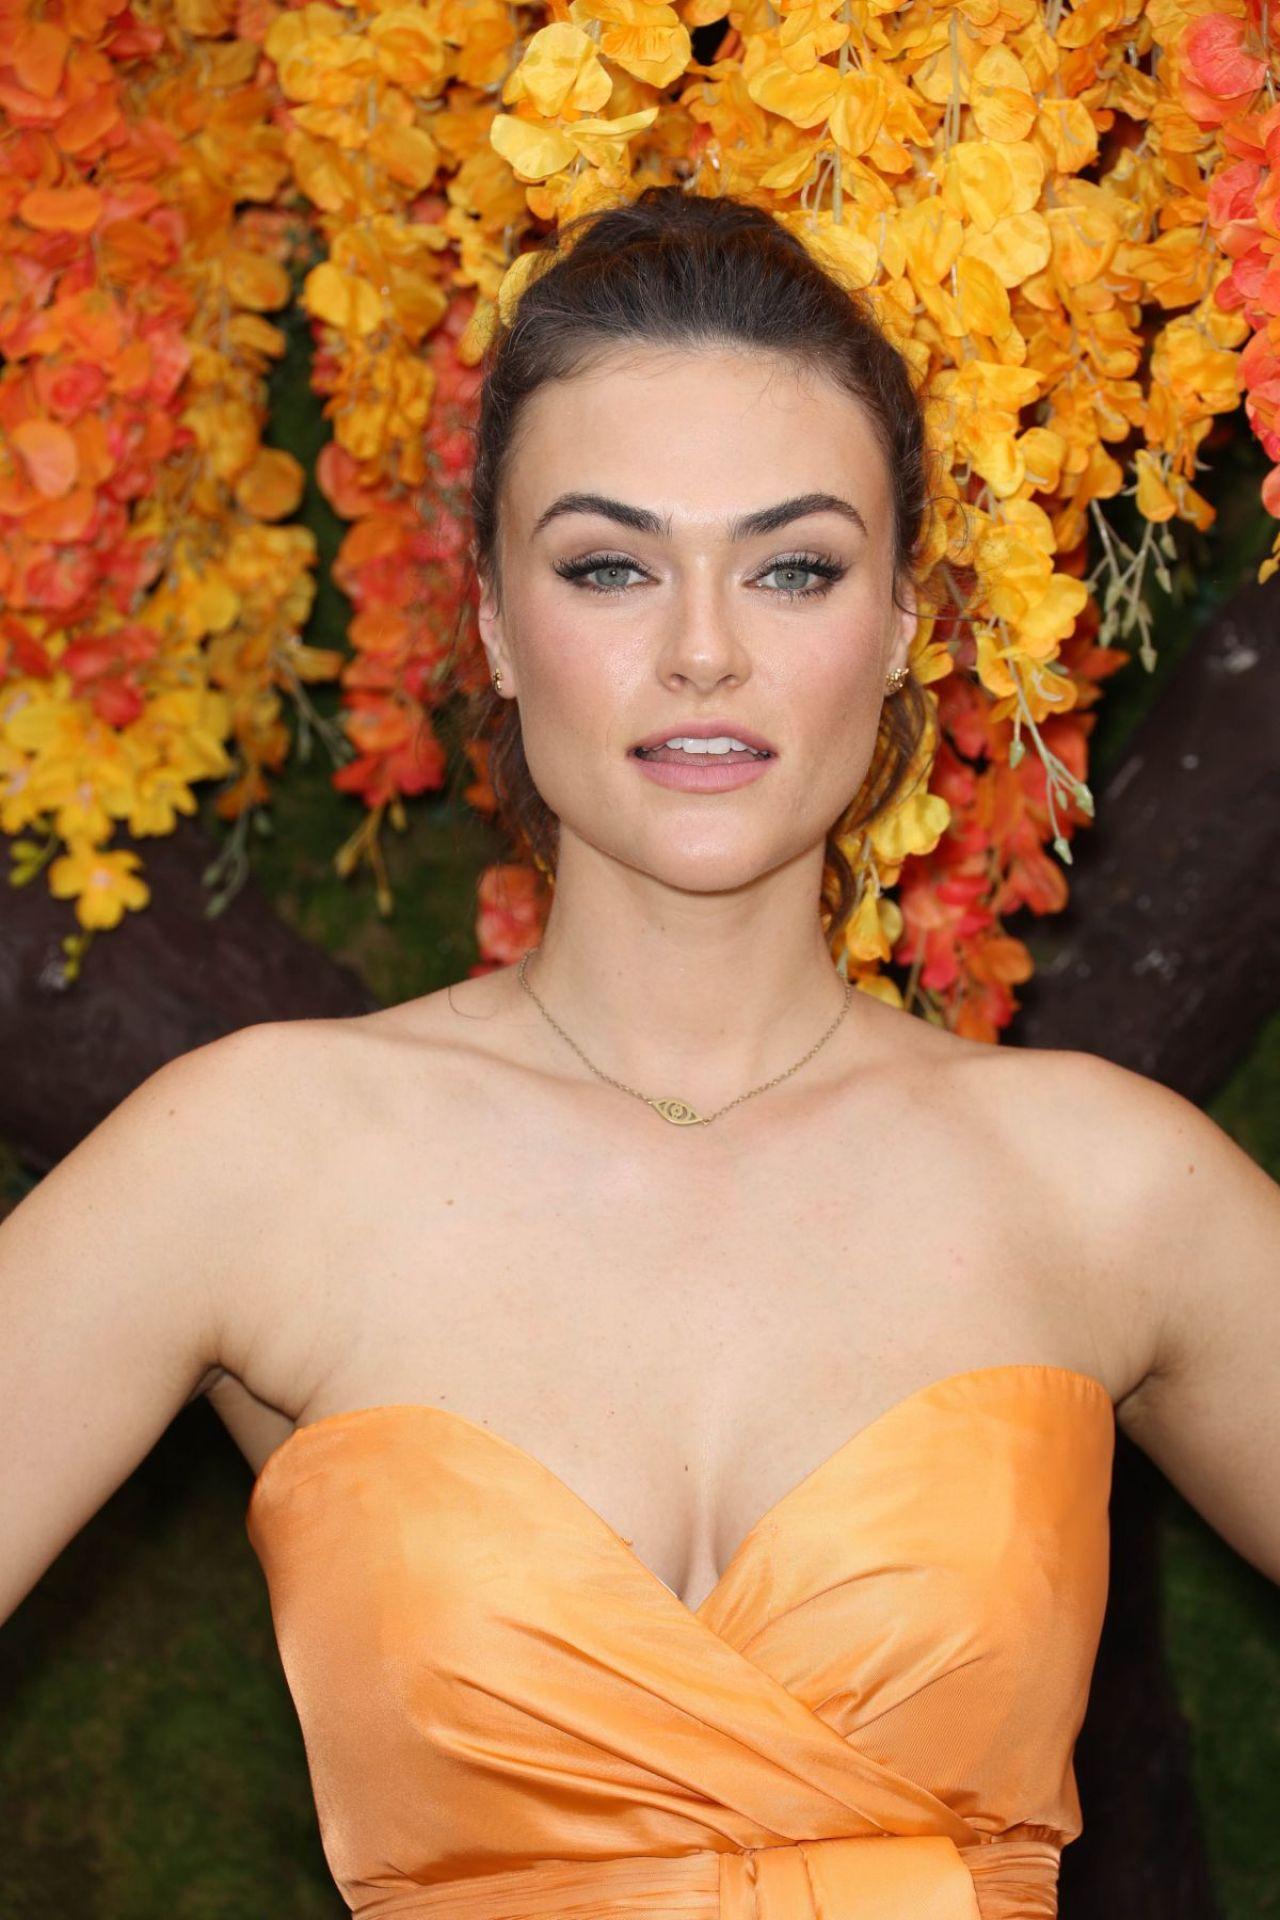 Fashion fan blog from industry supermodels: Myla Dalbesio ...